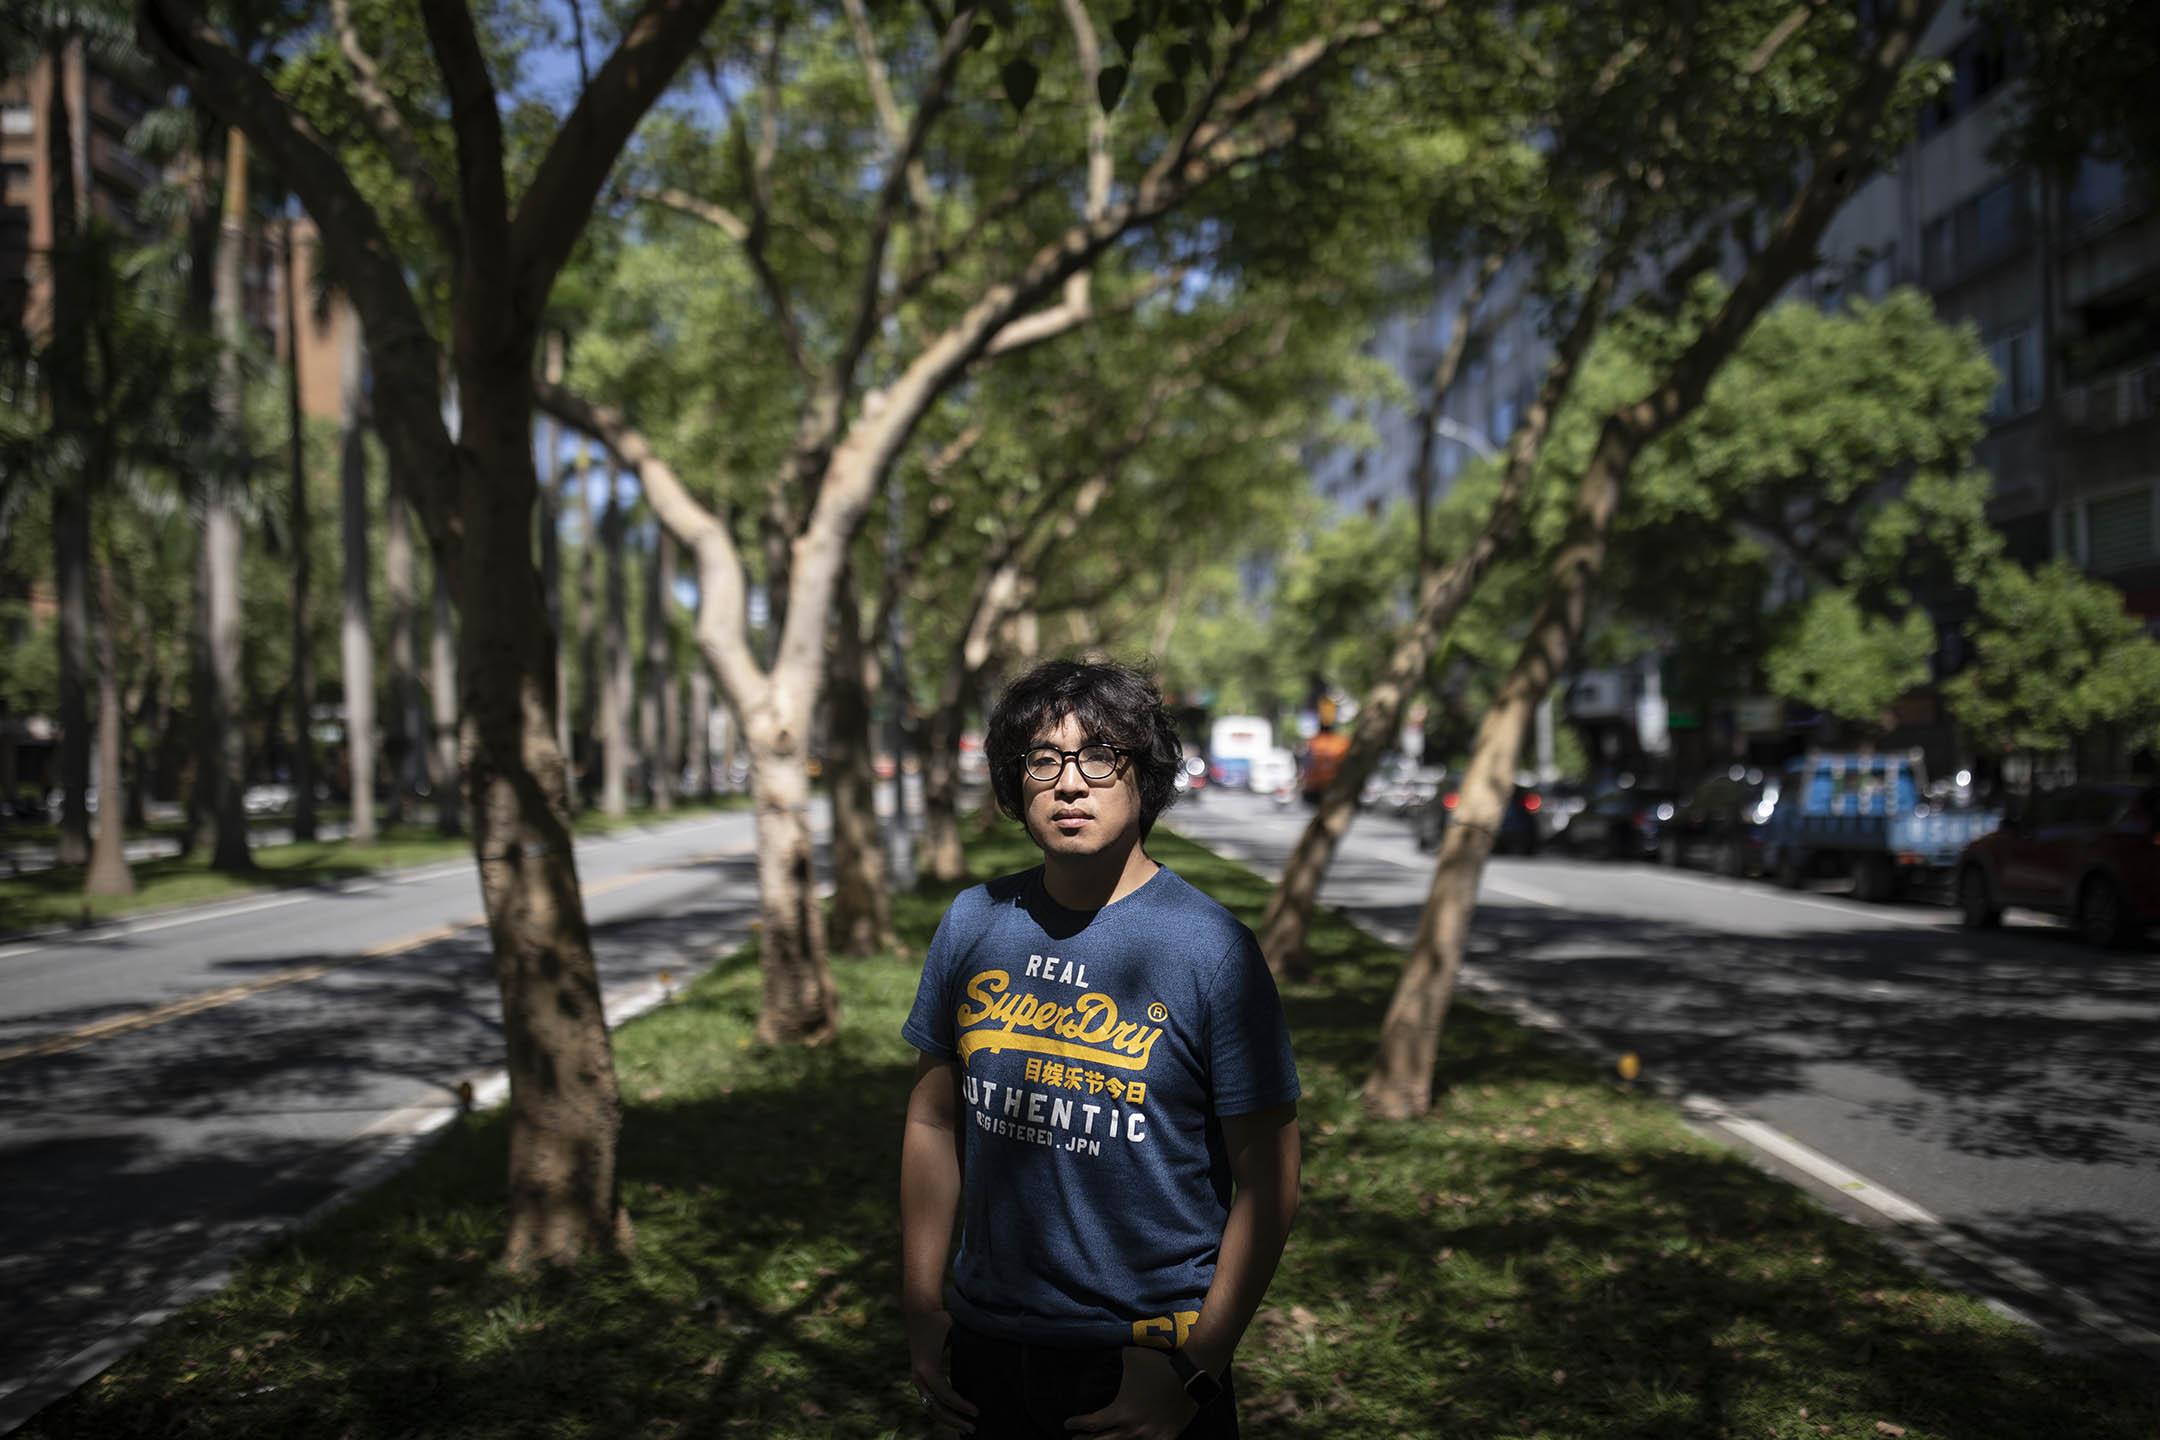 台北大學犯罪學研究所助理教授沈柏洋。 攝:陳焯煇/端傳媒